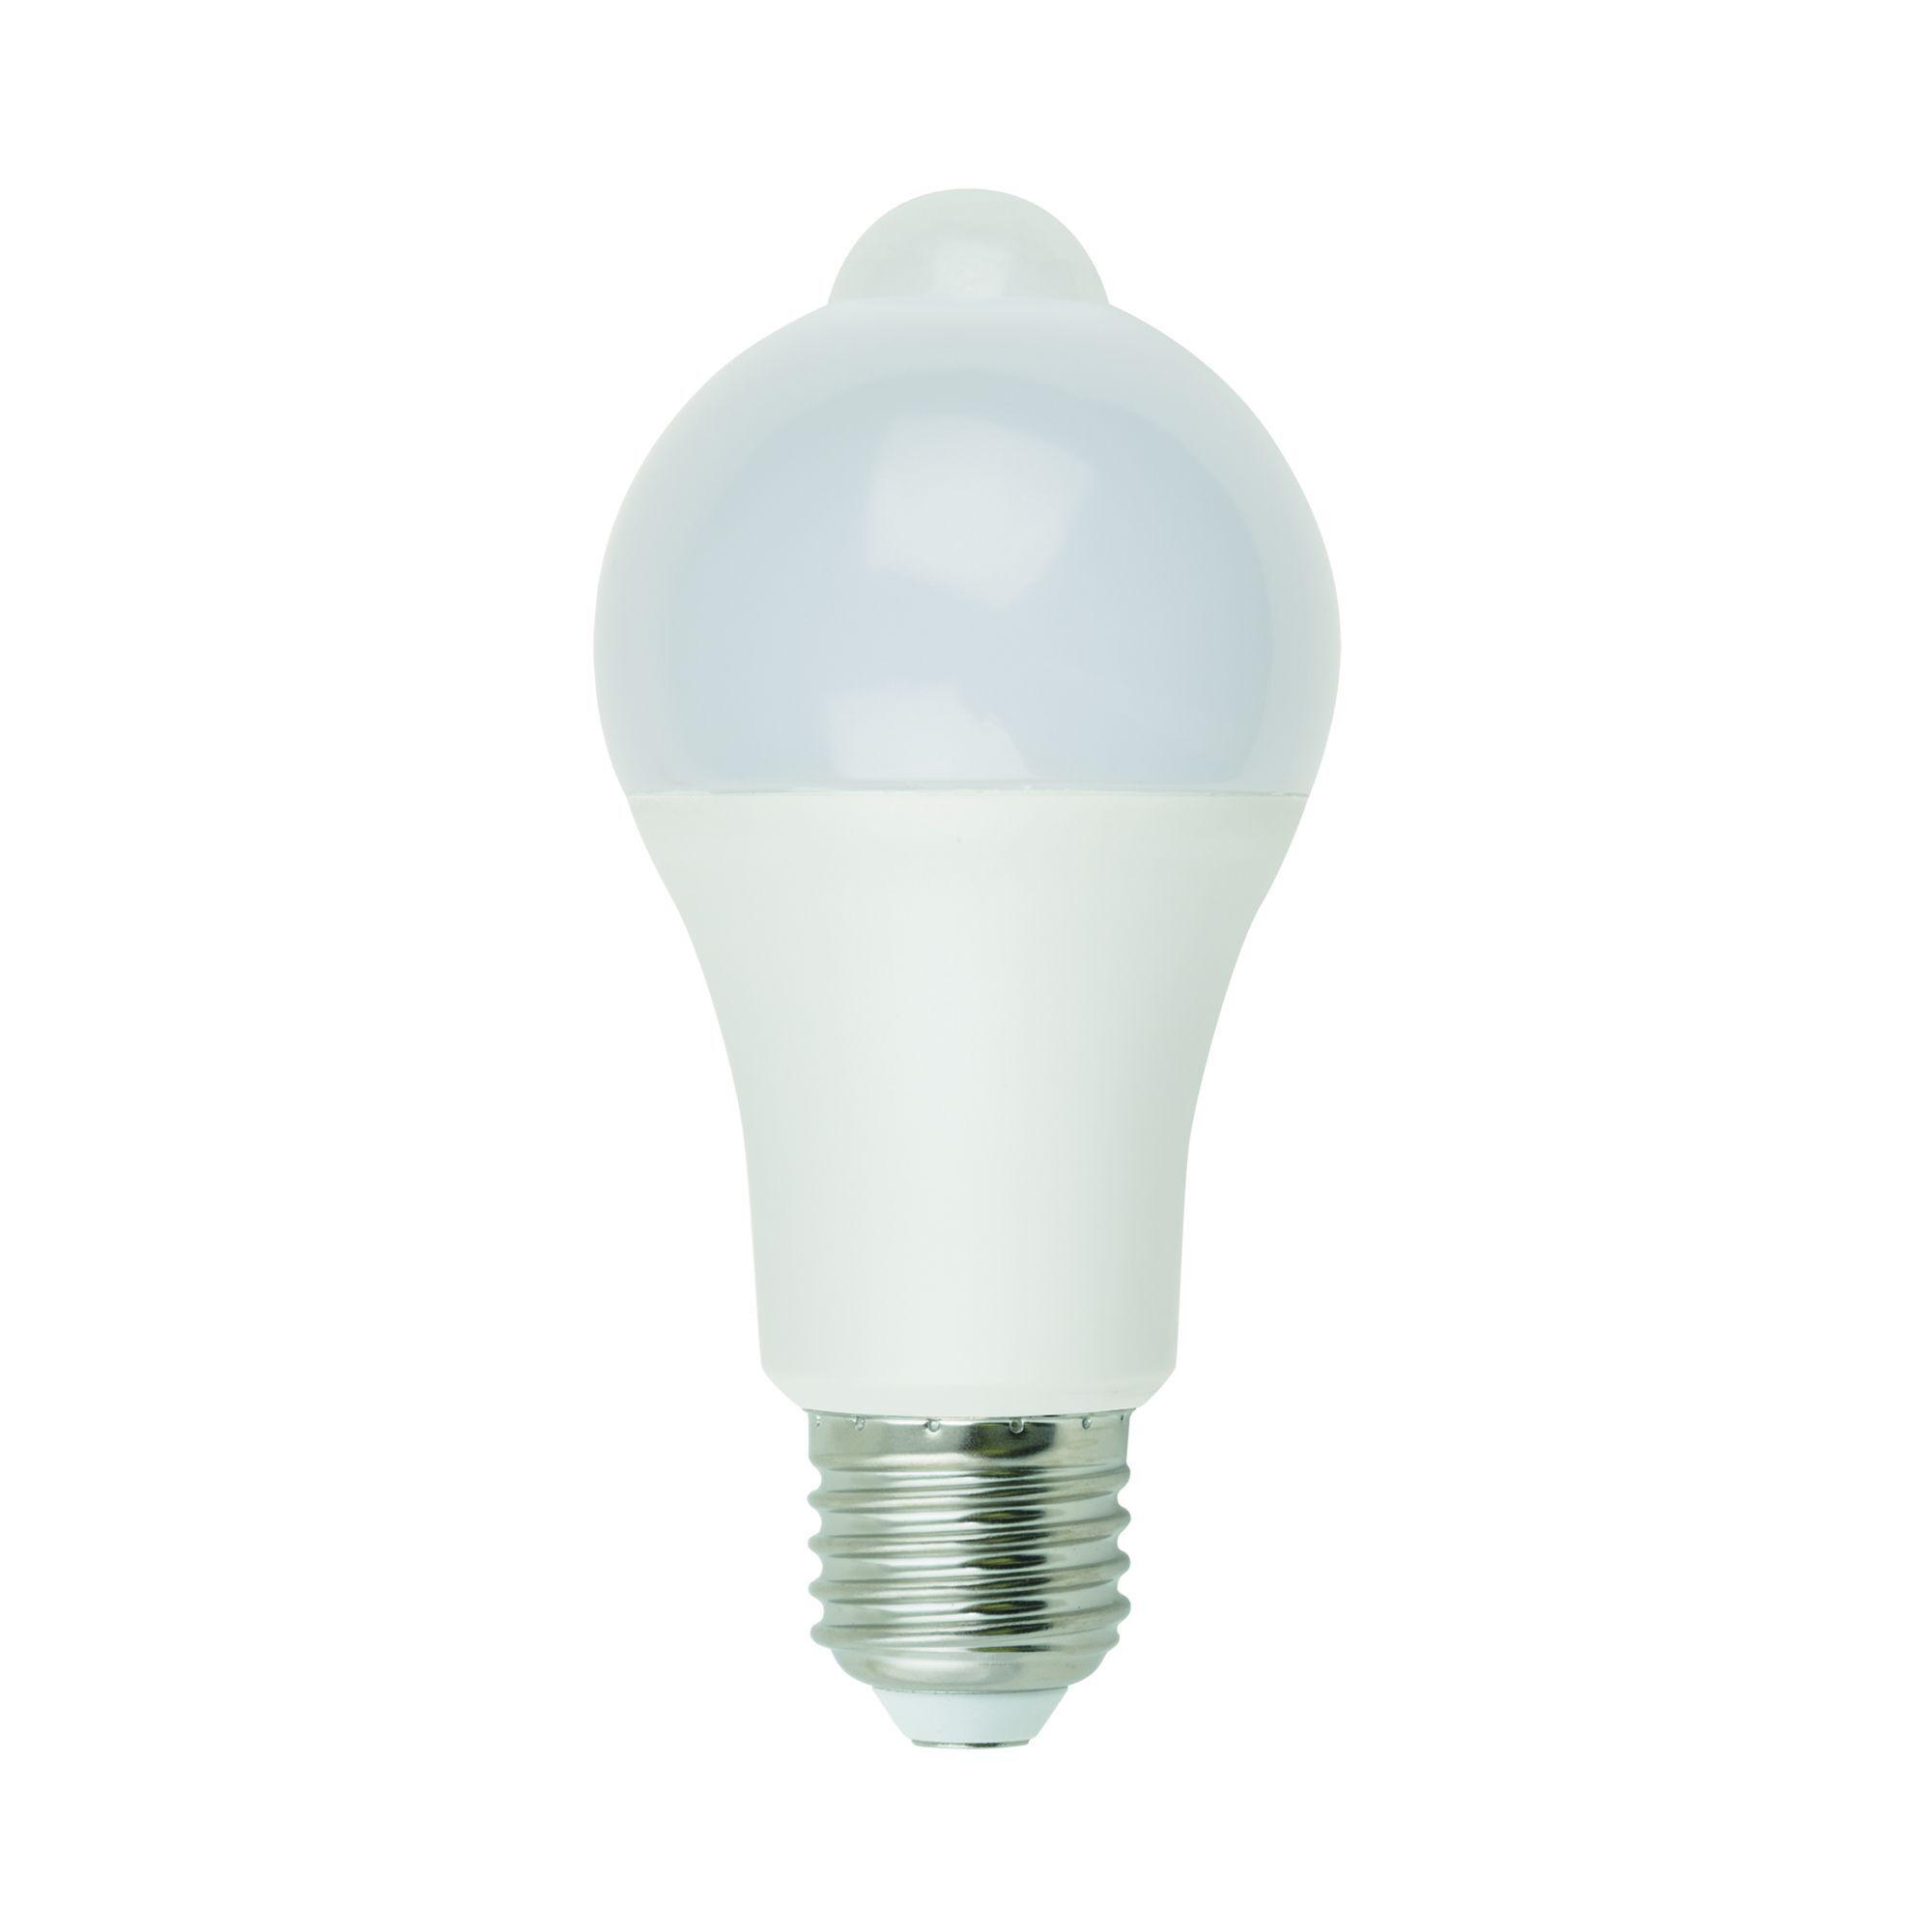 Лампа светодиодная с датчиком движения и освещенности E27 Uniel Smart 200-250 В 12 Вт груша матовая 900 лм белый свет